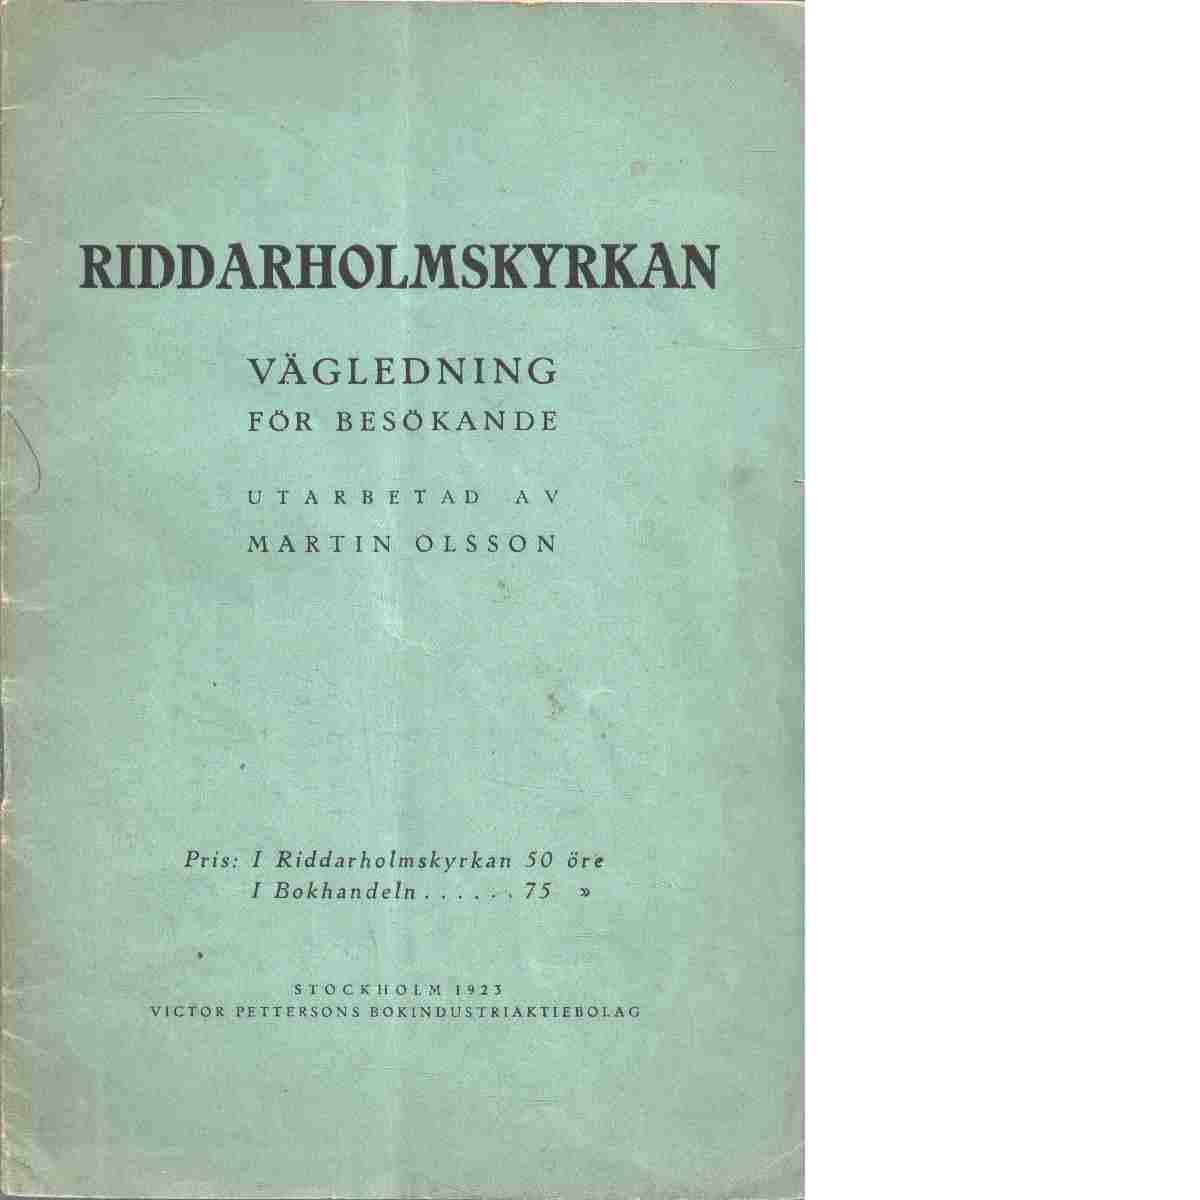 Riddarholmskyrkan : vägledning för besökande - Olsson, Martin